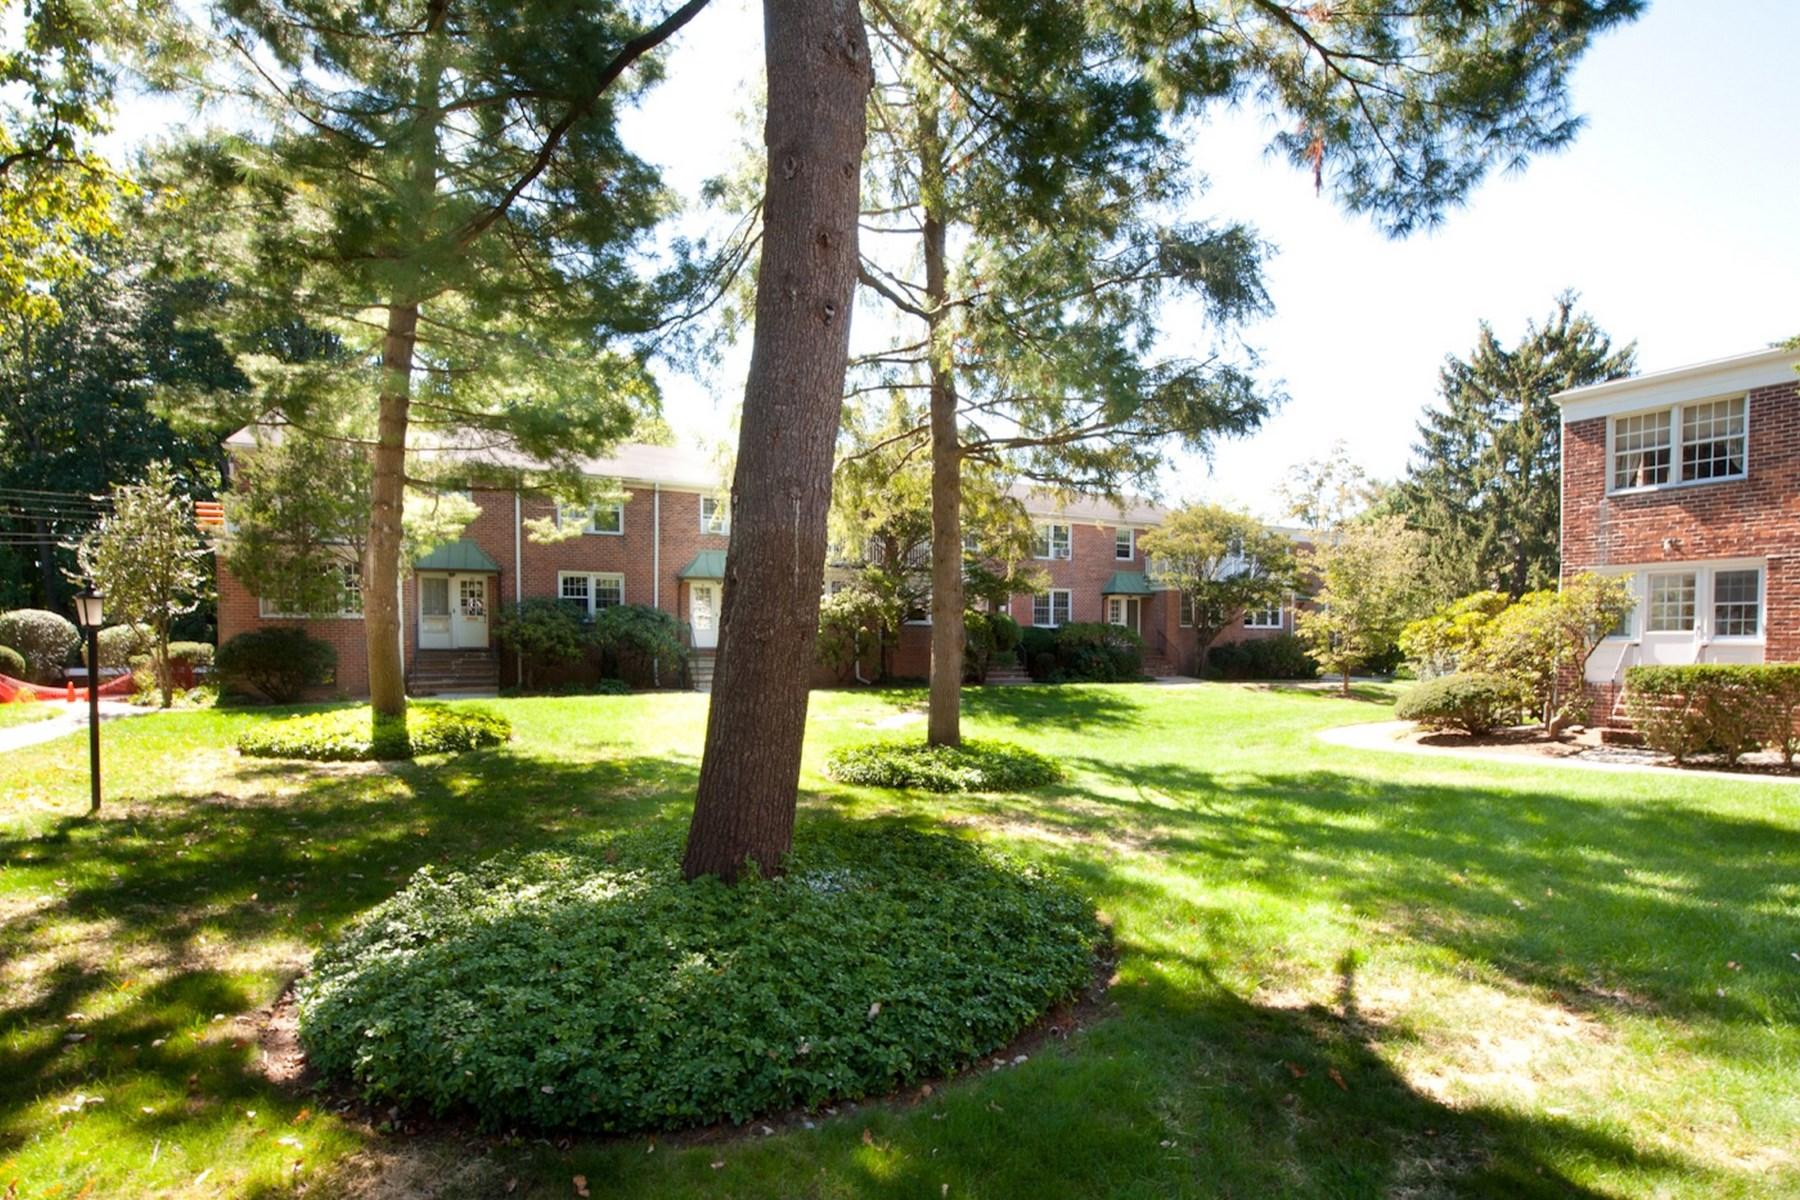 合作公寓 为 销售 在 Putnam Park 194 Putnam Park Central Greenwich, Greenwich, 康涅狄格州 06830 美国